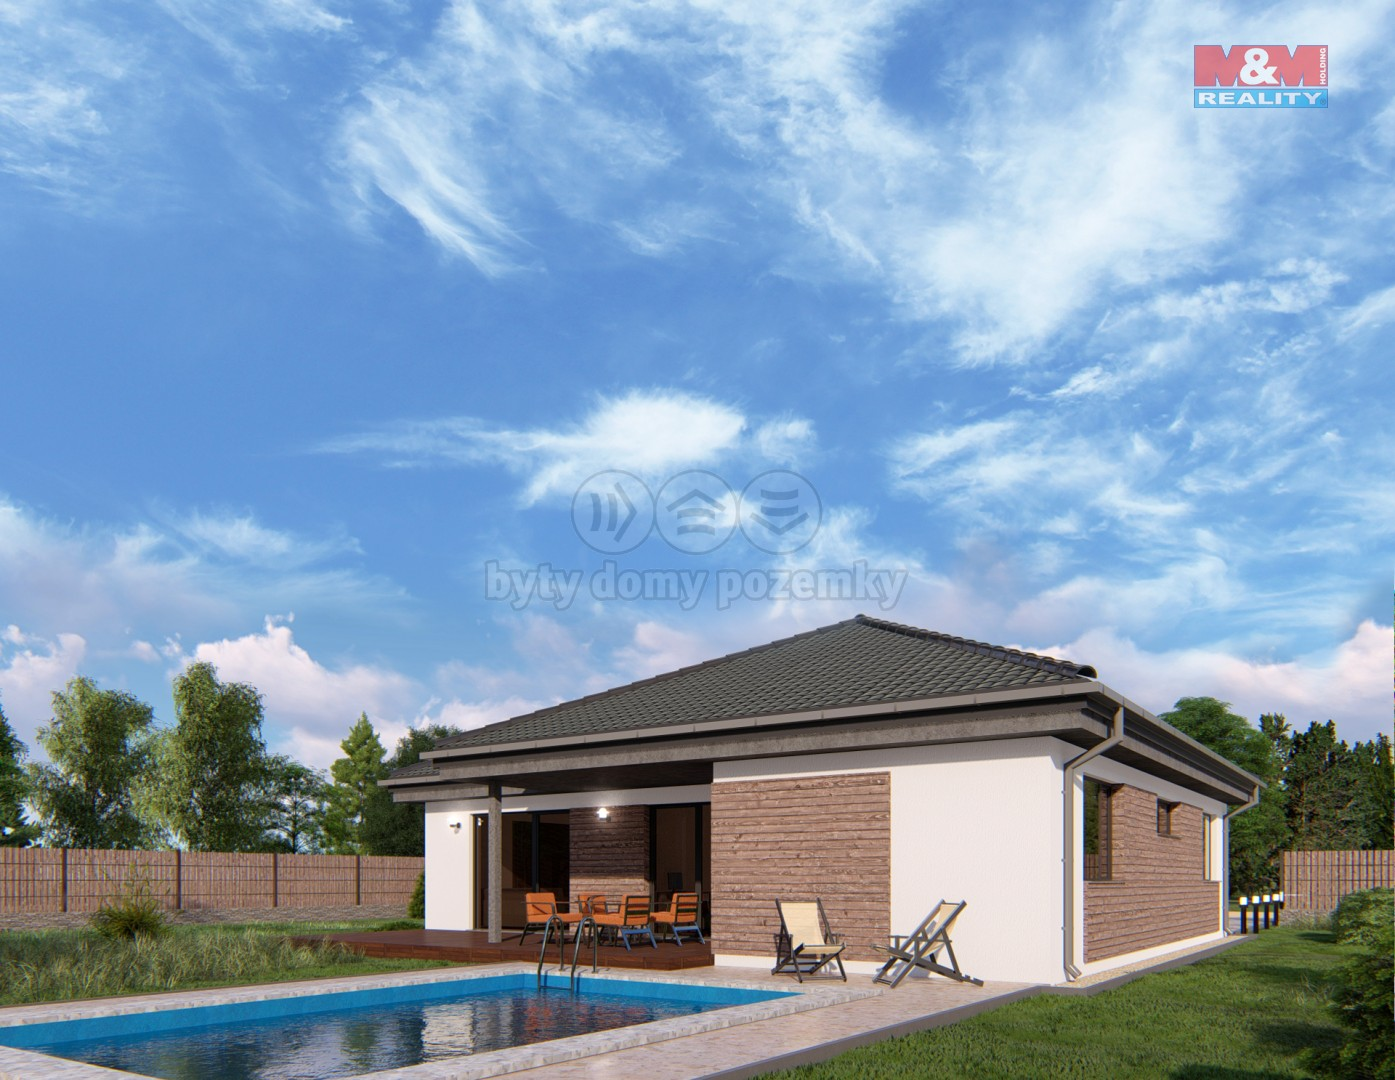 Prodej, rodinný dům 4+kk, 1390 m2, Řestoky u Chrasti